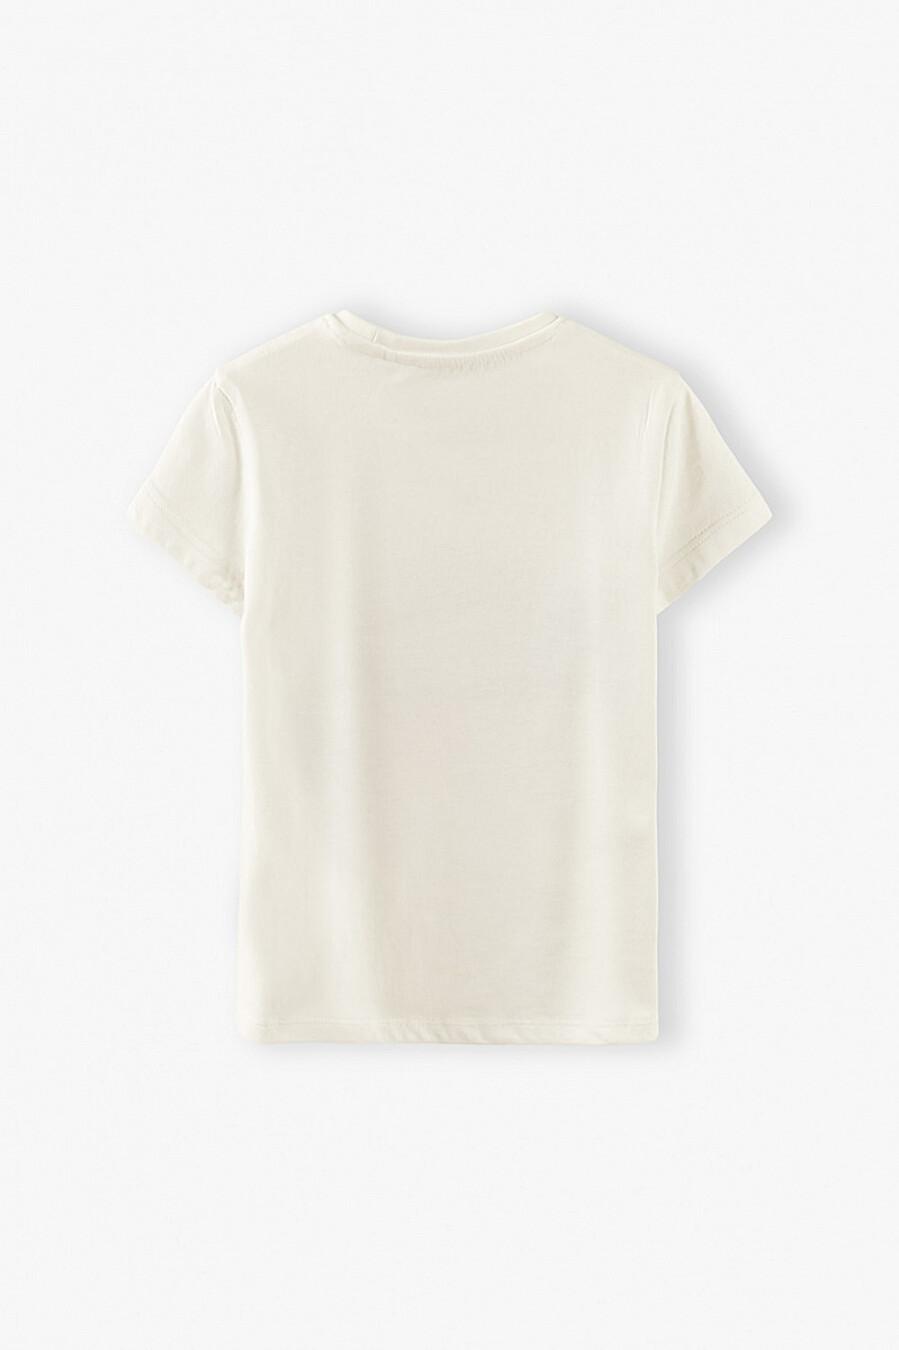 Футболка для девочек 5.10.15 668604 купить оптом от производителя. Совместная покупка детской одежды в OptMoyo